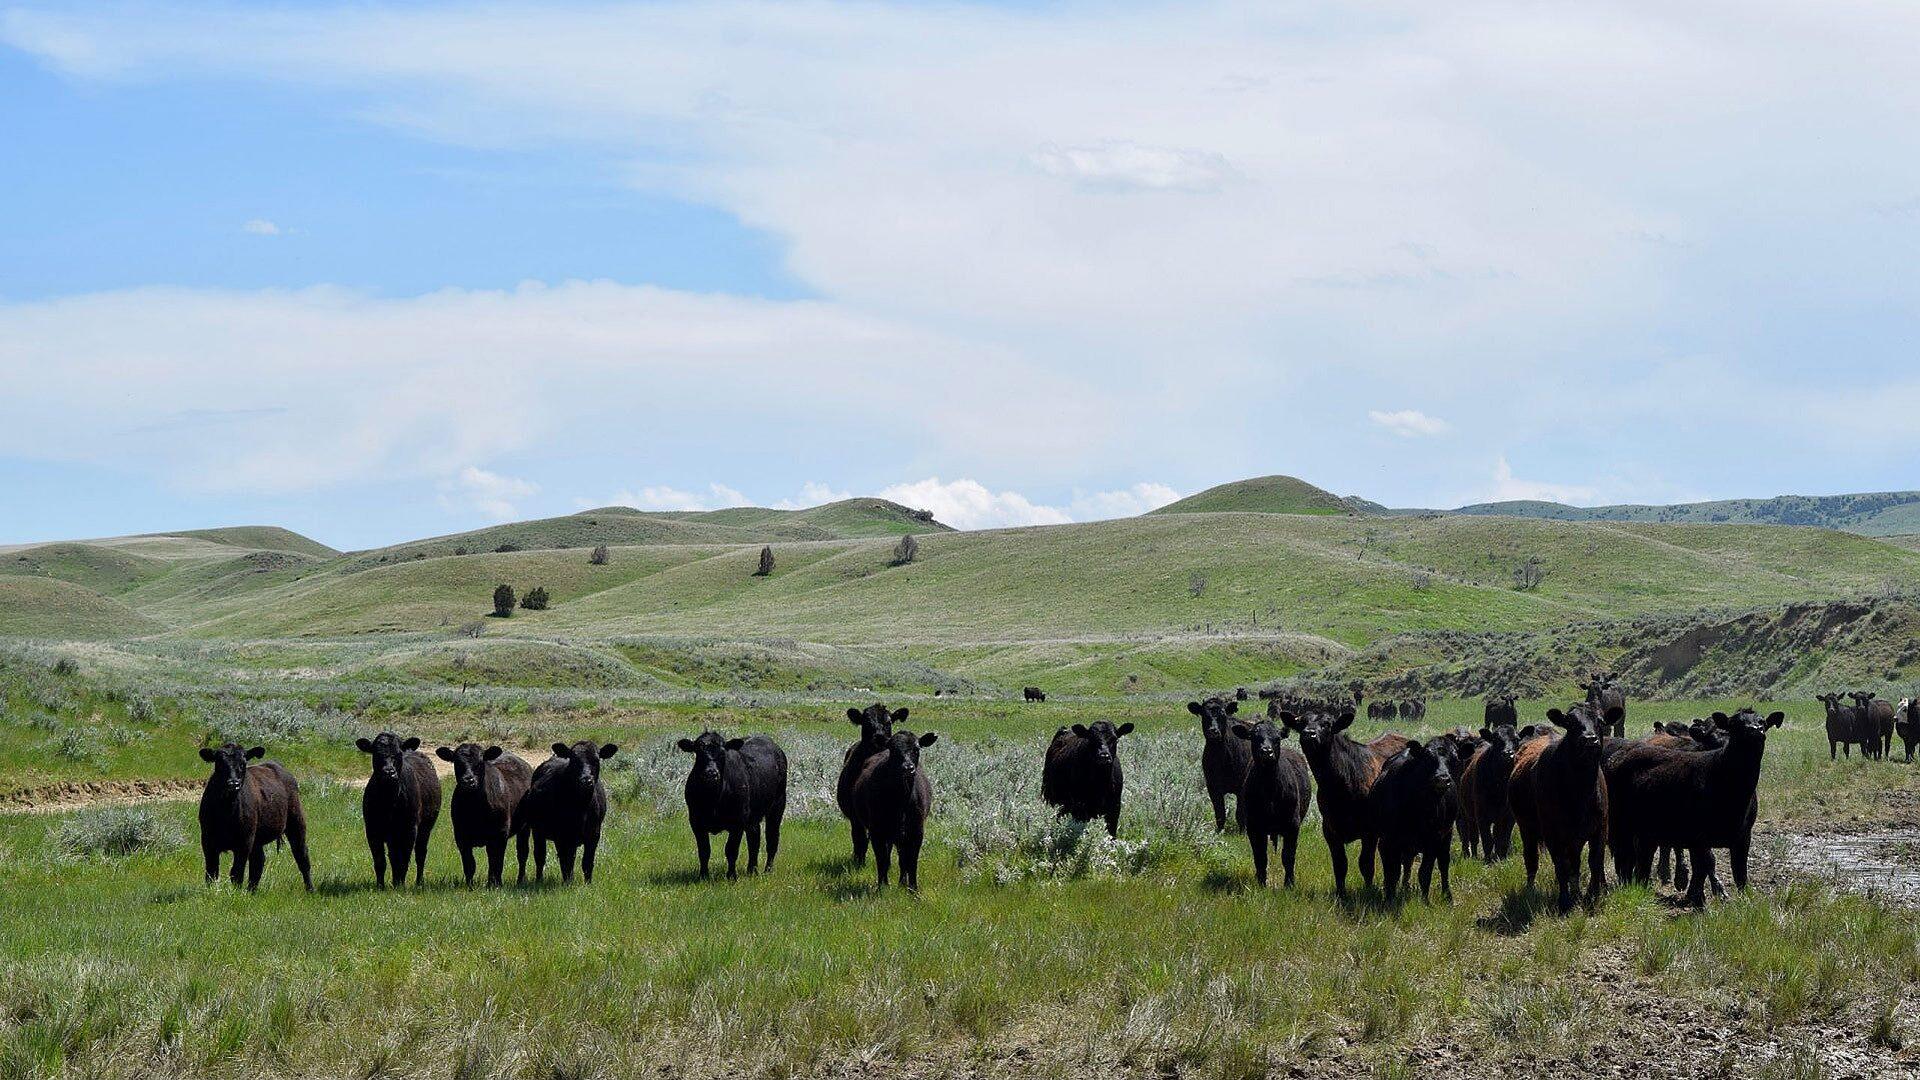 Rancholme Ranch